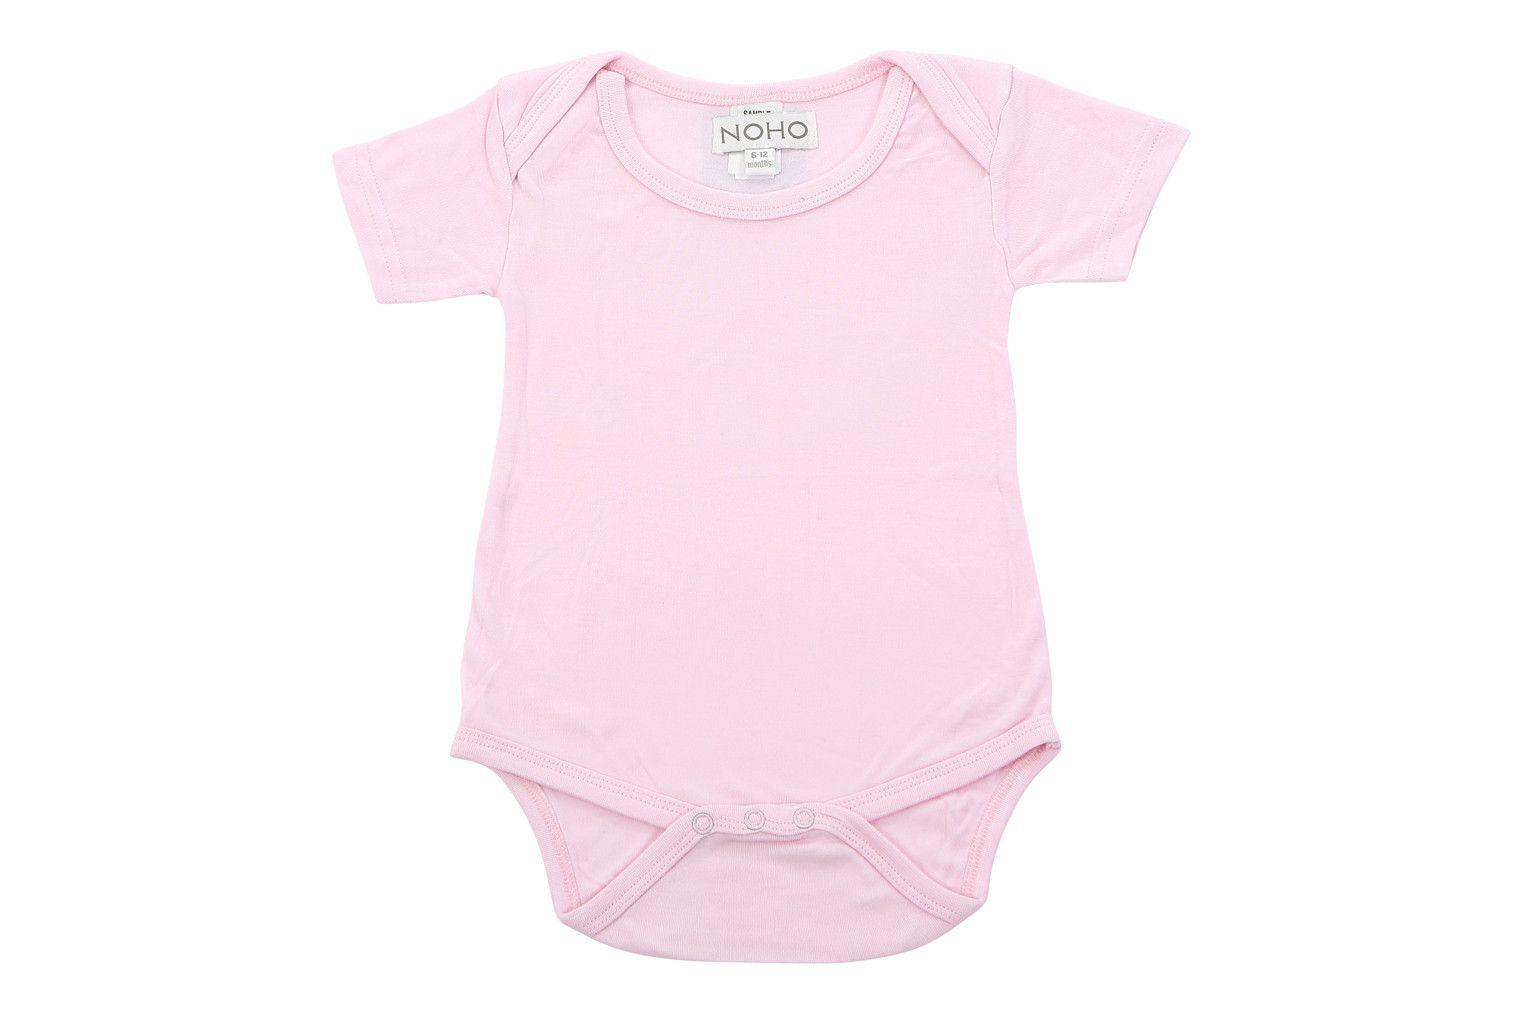 short sleeve onesie in baby pink